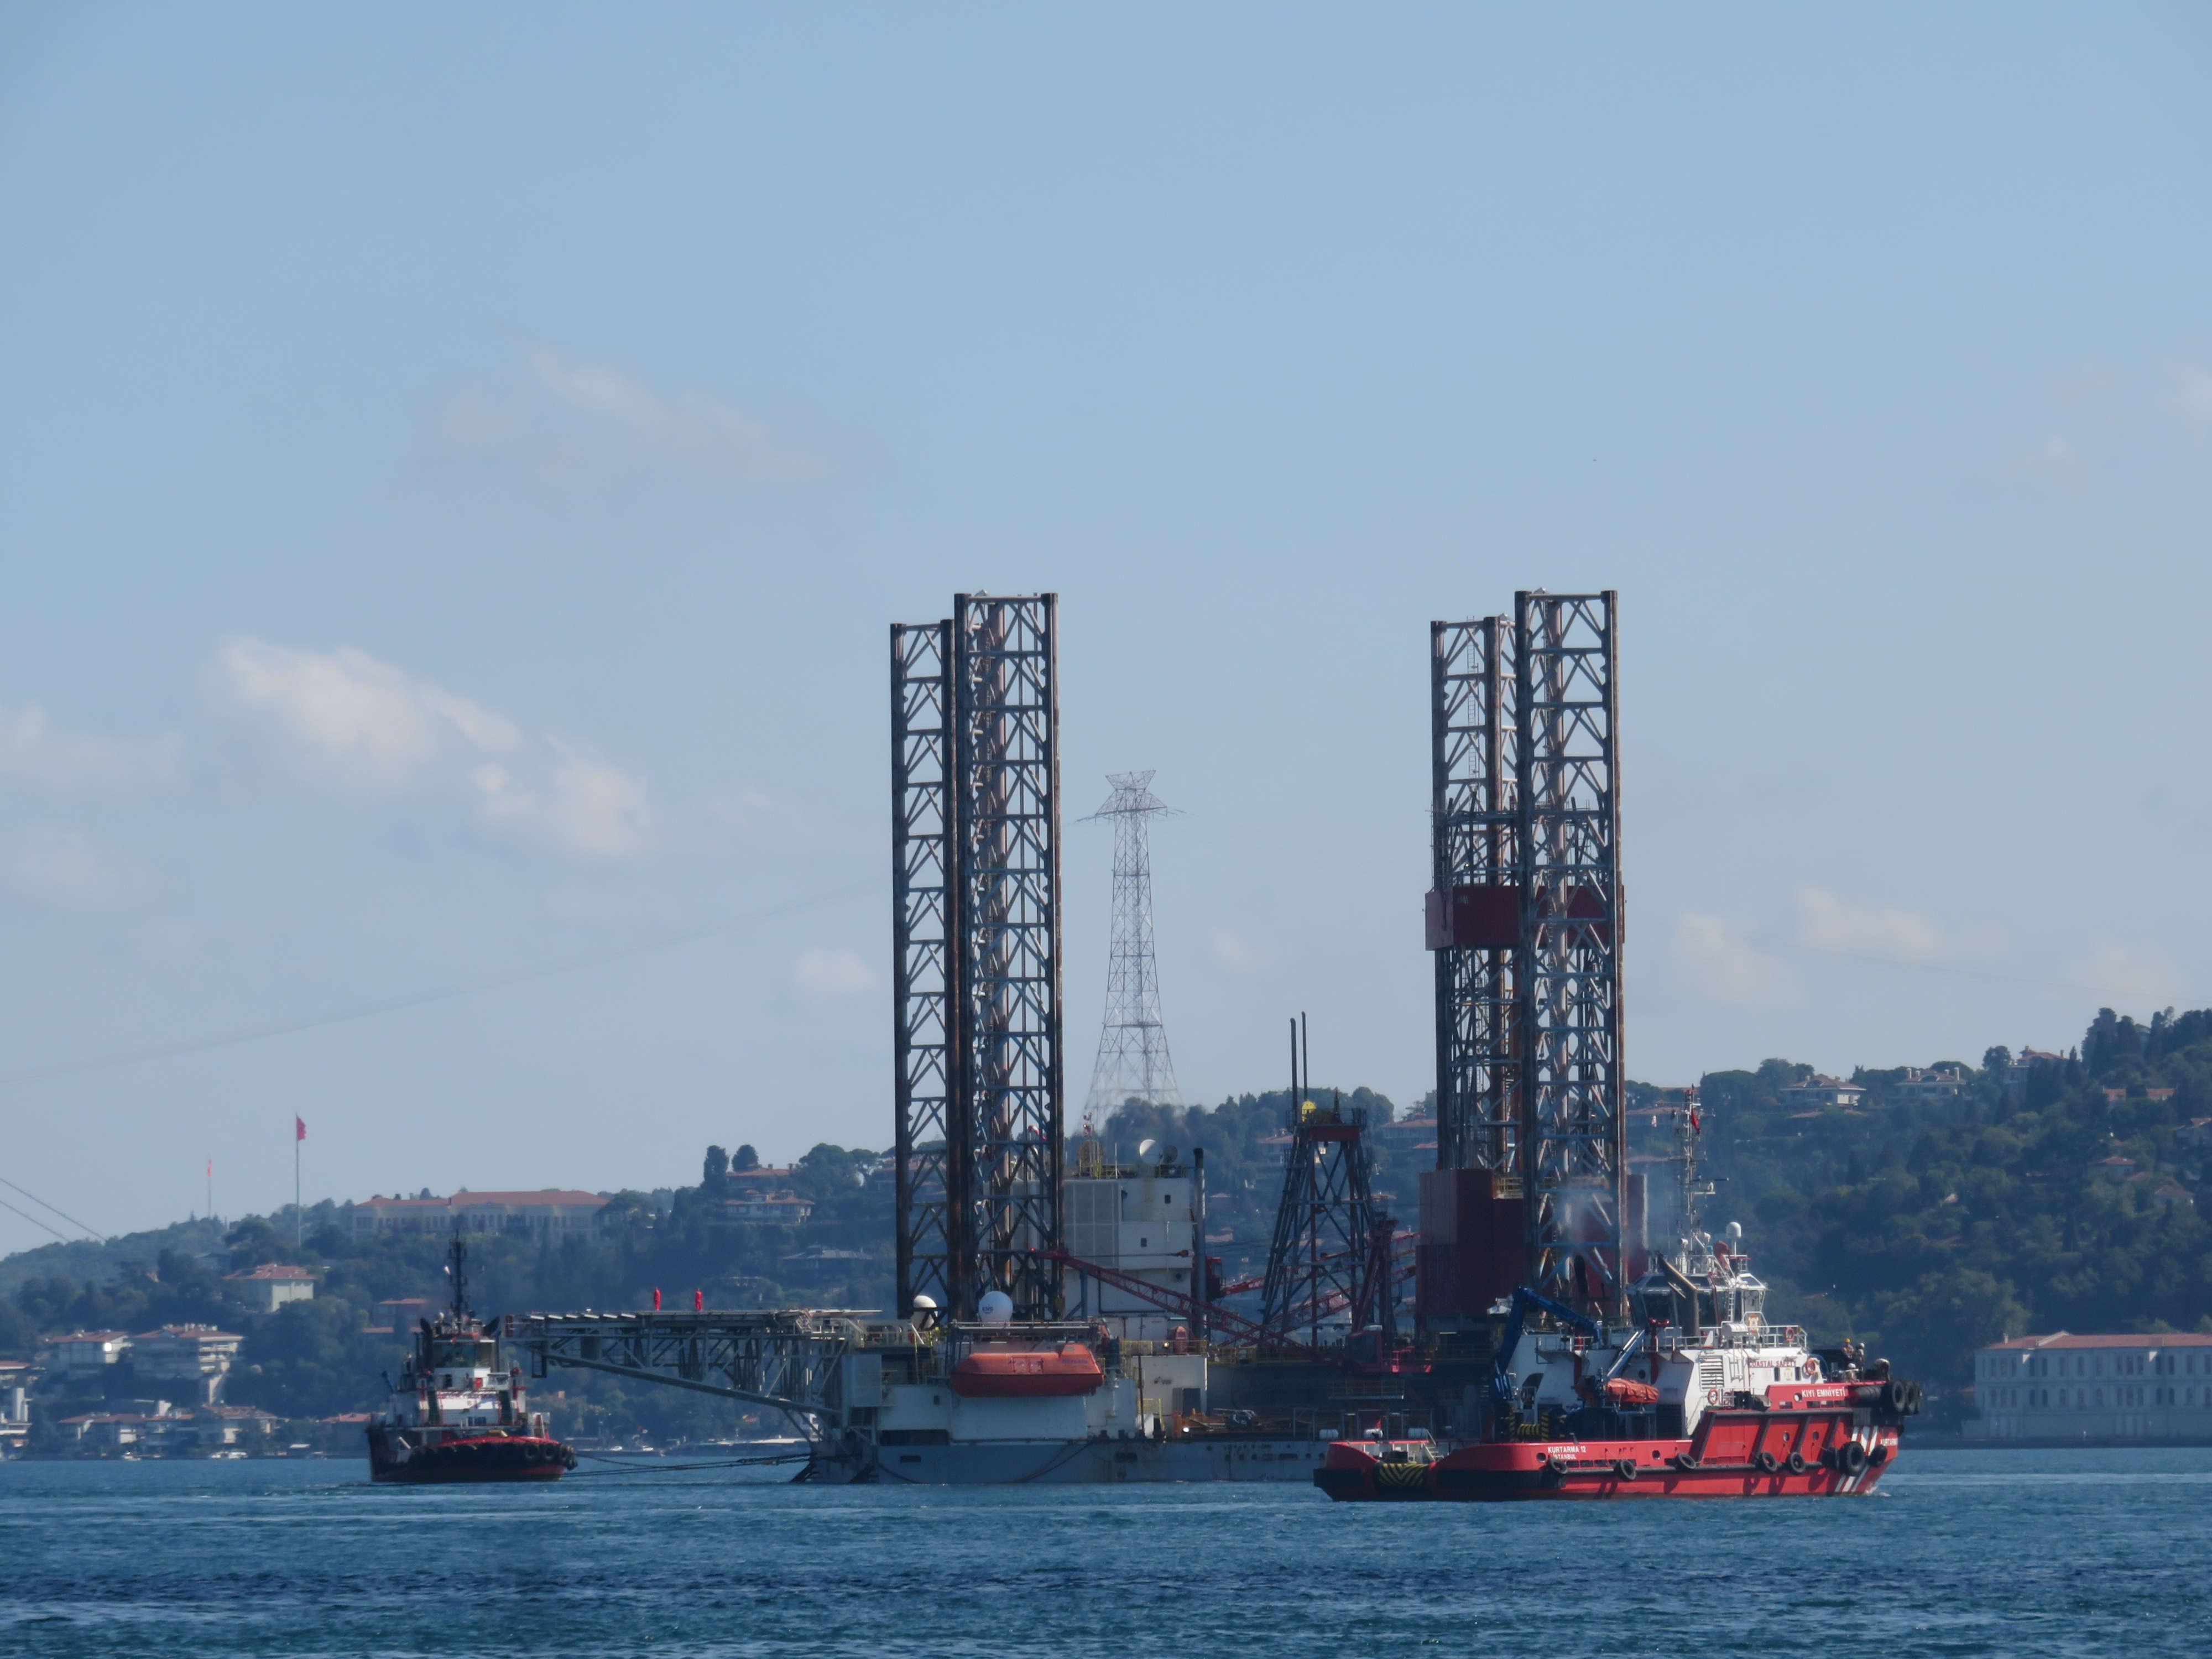 dev-petrol-platformu-istanbul-bogazindan-geciyor-1-8647-dhaphoto1.jpg